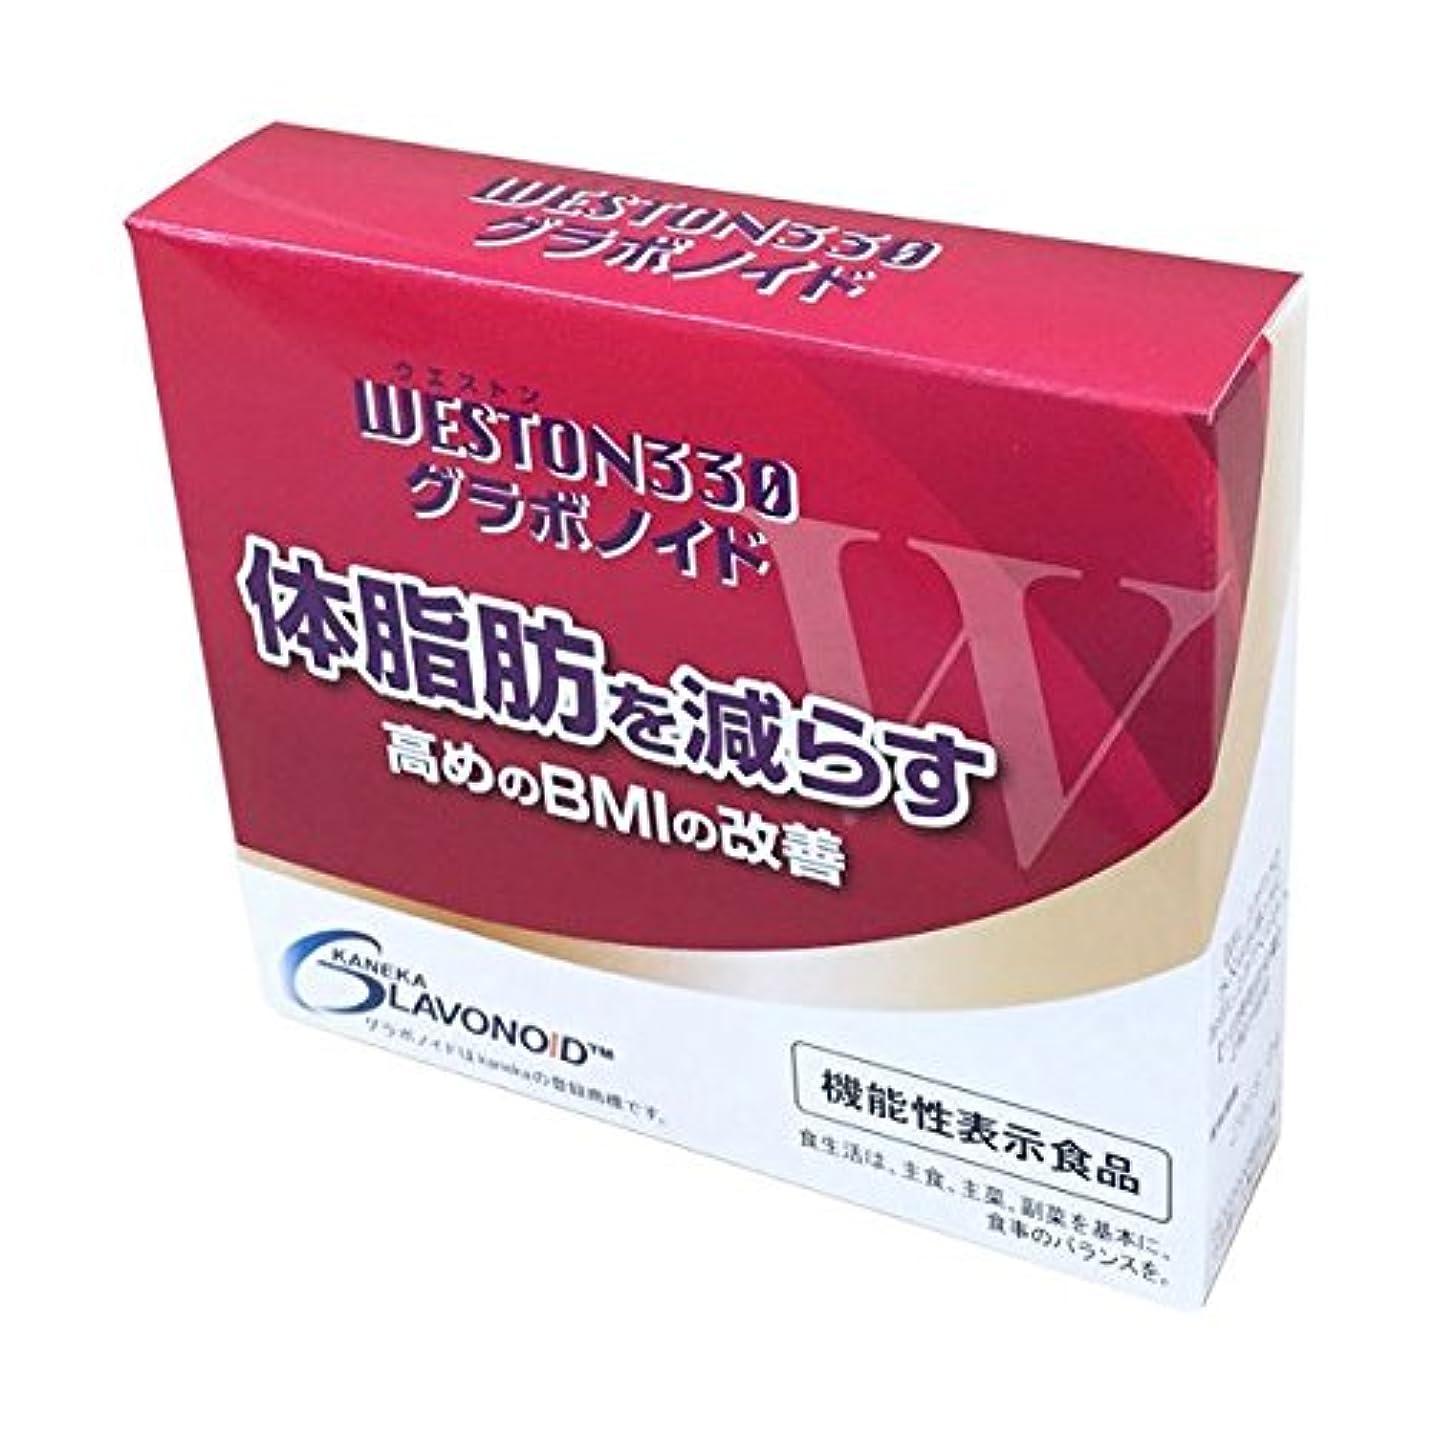 リマックスジャパン WESTON330 60粒 (30日分) x2箱 [機能性表示食品]